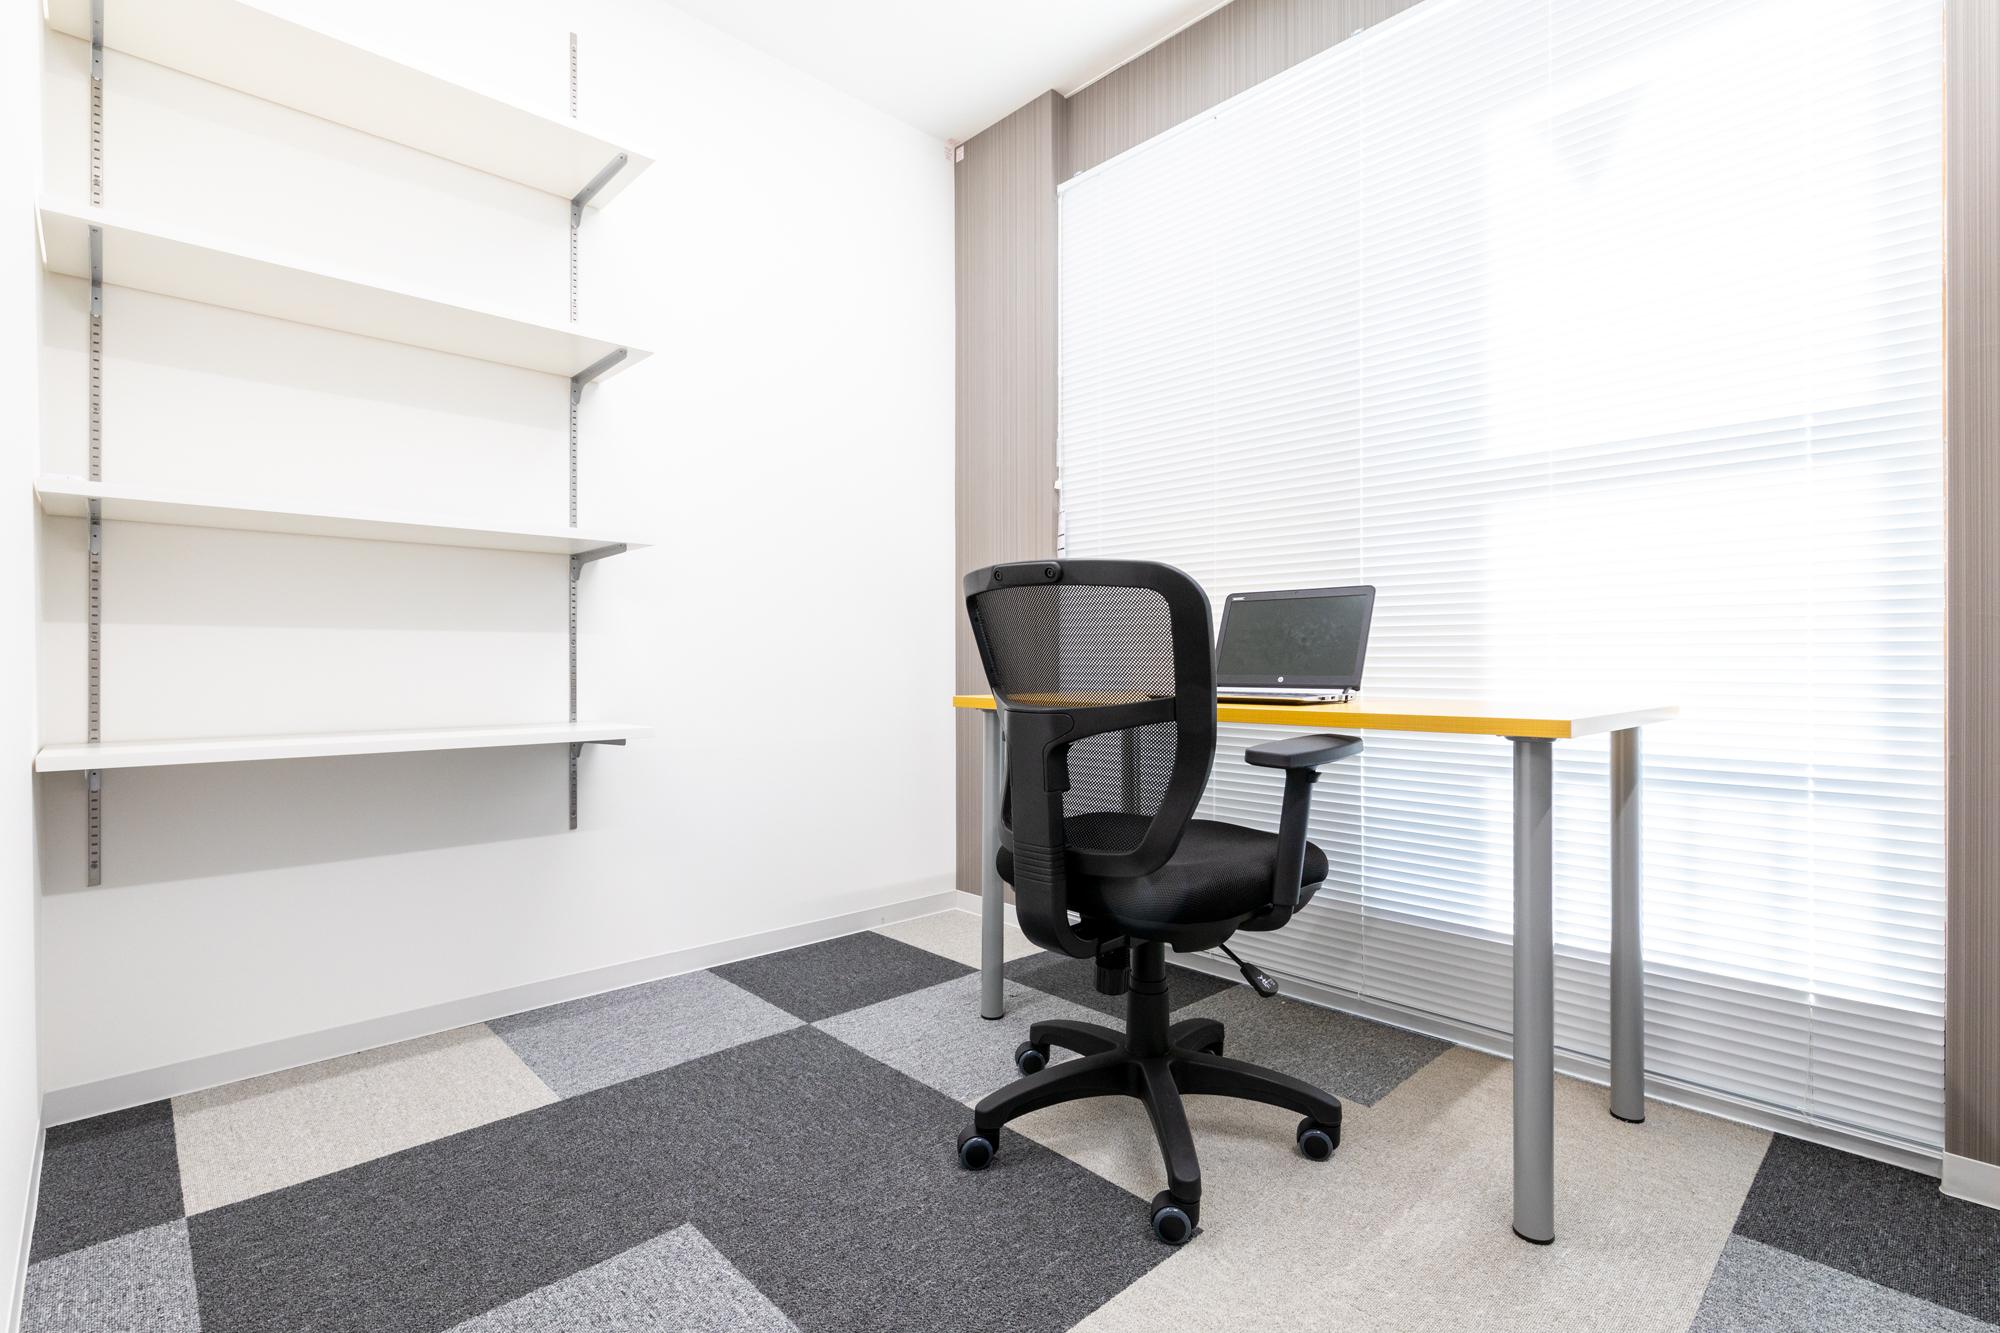 十分なスペースを確保した広々1名用個室